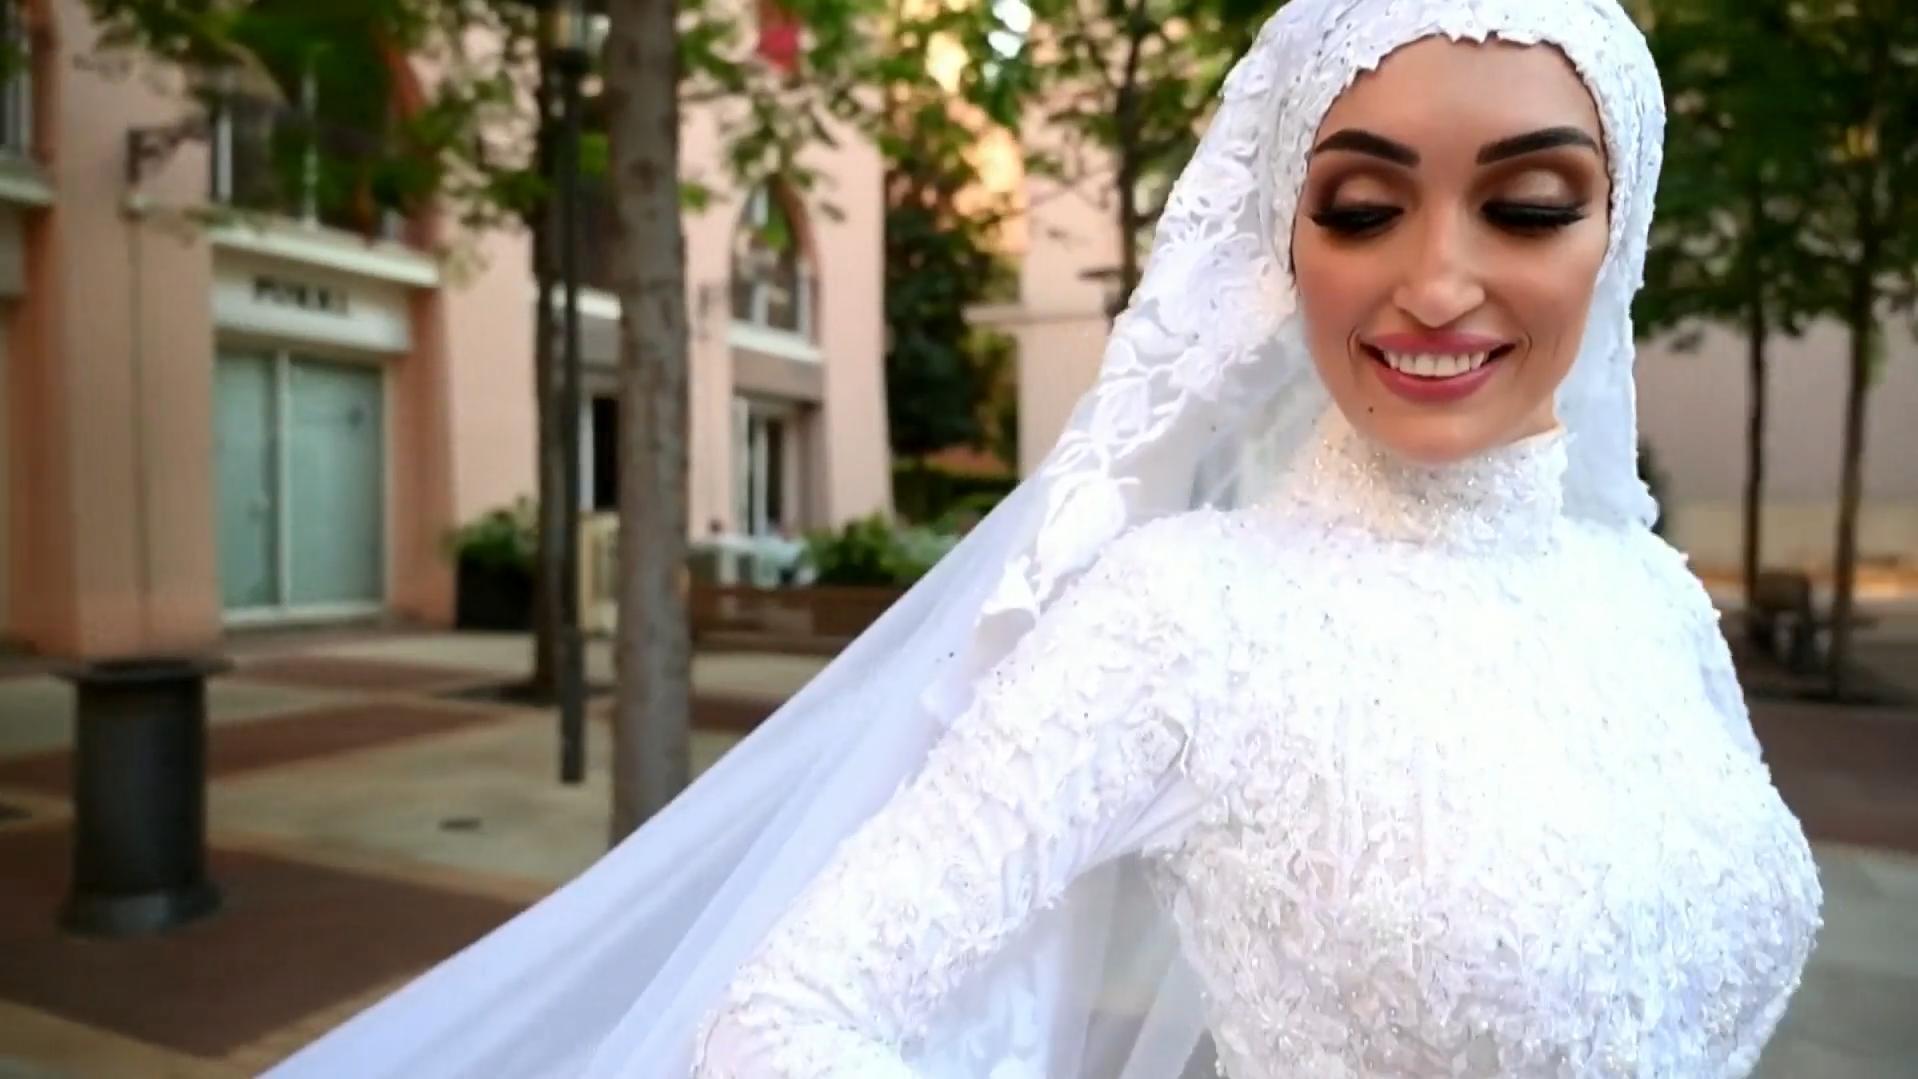 Explosion von Beirut unterbricht Hochzeitsshooting